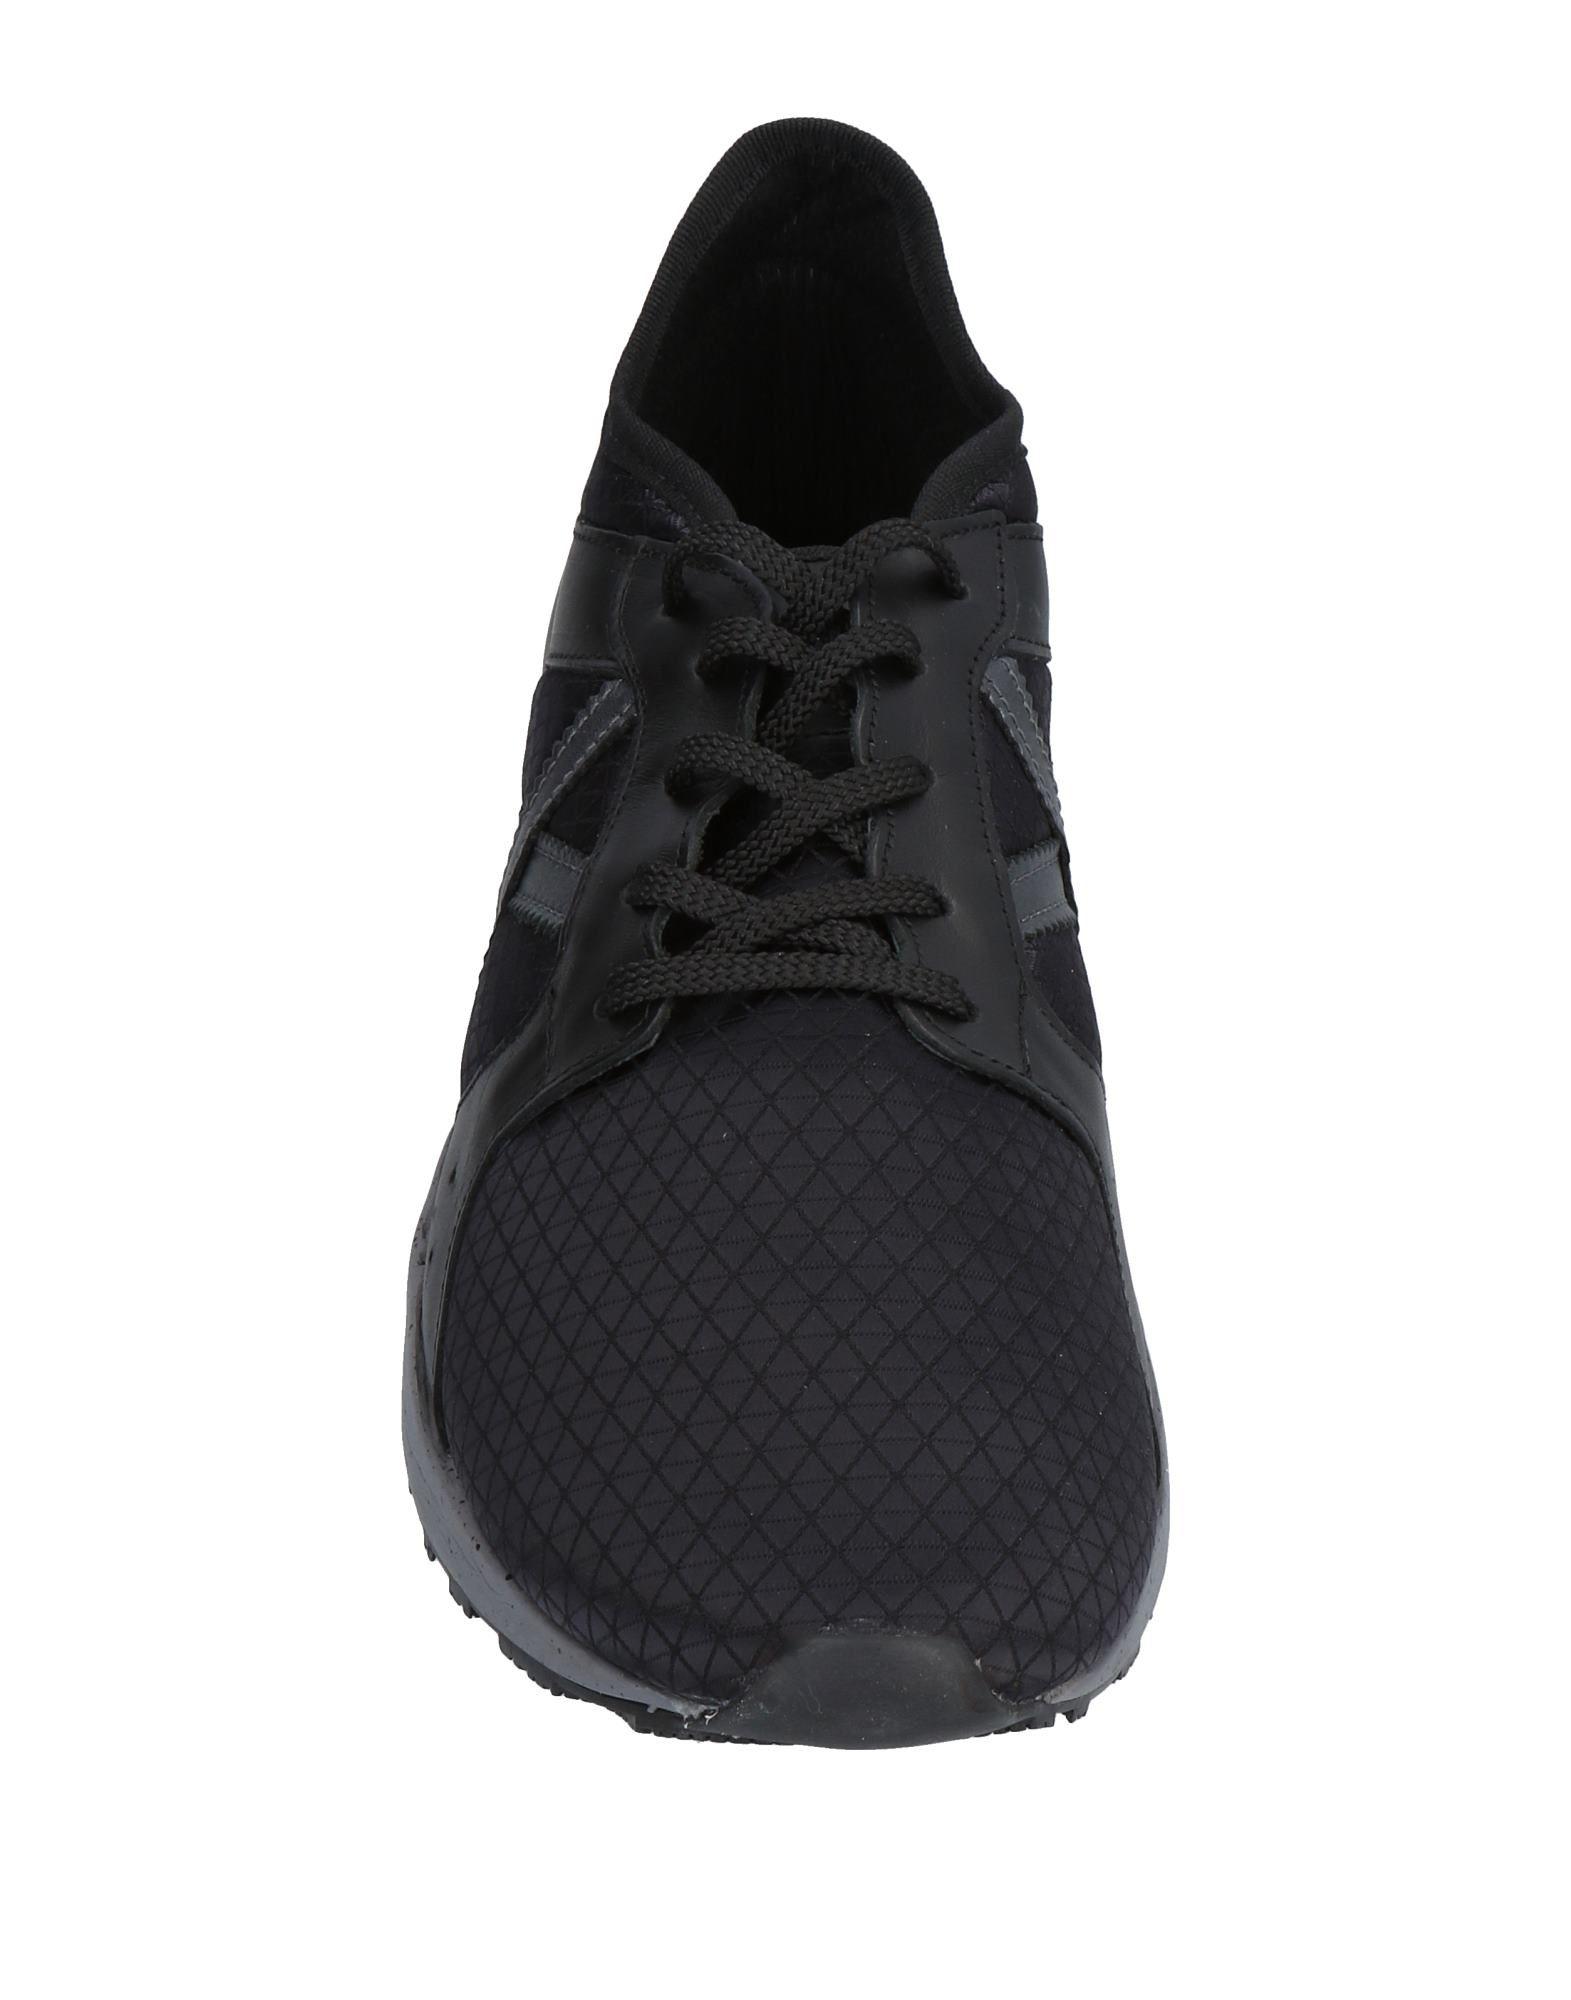 Munich Sneakers Herren  11467687RH 11467687RH  23dd75